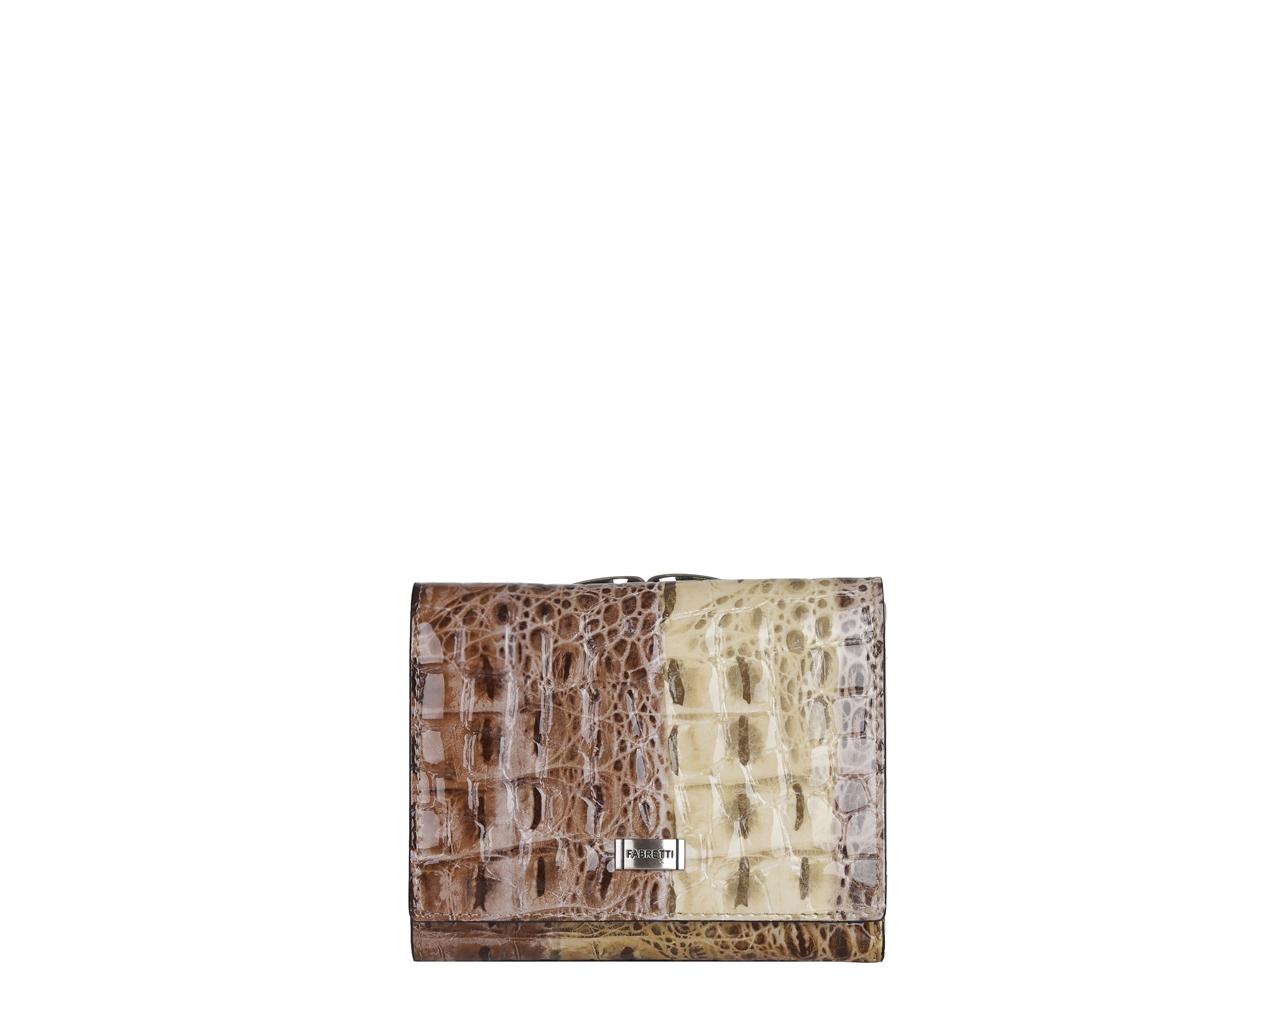 Кошелек женский Fabretti, цвет: мультиколор. 47009-colourful cocco L47009-colourful cocco LЯркий и элегантный женский кошелек от итальянского бренда Fabretti выполнен из натуральной лакированной кожи с тиснением под крокодила. Фурнитура, выполненная в серебре, и роскошный дизайнерский крокодиловый принт делают дизайн утонченным и изысканным. Кошелек состоит из 3 вместительных отделений. В первом Вы сможете хранить купюры в удобном отделении, а также любимую фотографию и кредитные карты. Второе отделение закрывается на удобный рамочный замок и предназначен для мелочи. В третьем отделение Вы с легкостью разместите все дисконтные и скидочные карты, поскольку оно имеет 5 вместительных отделов. Аксессуар закрывается на удобную заклепку.